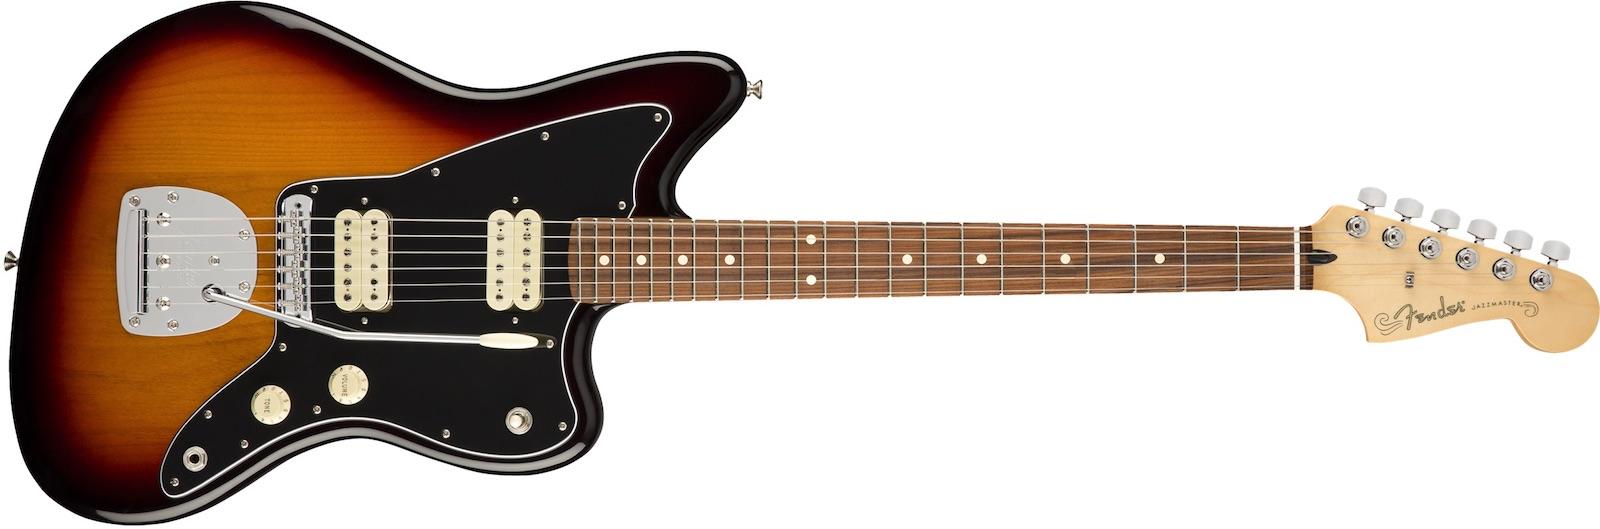 【新品】Fender Player Jazzmaster ~3-Color Sunburst~ 【お取り寄せ】【送料無料】【池袋店】